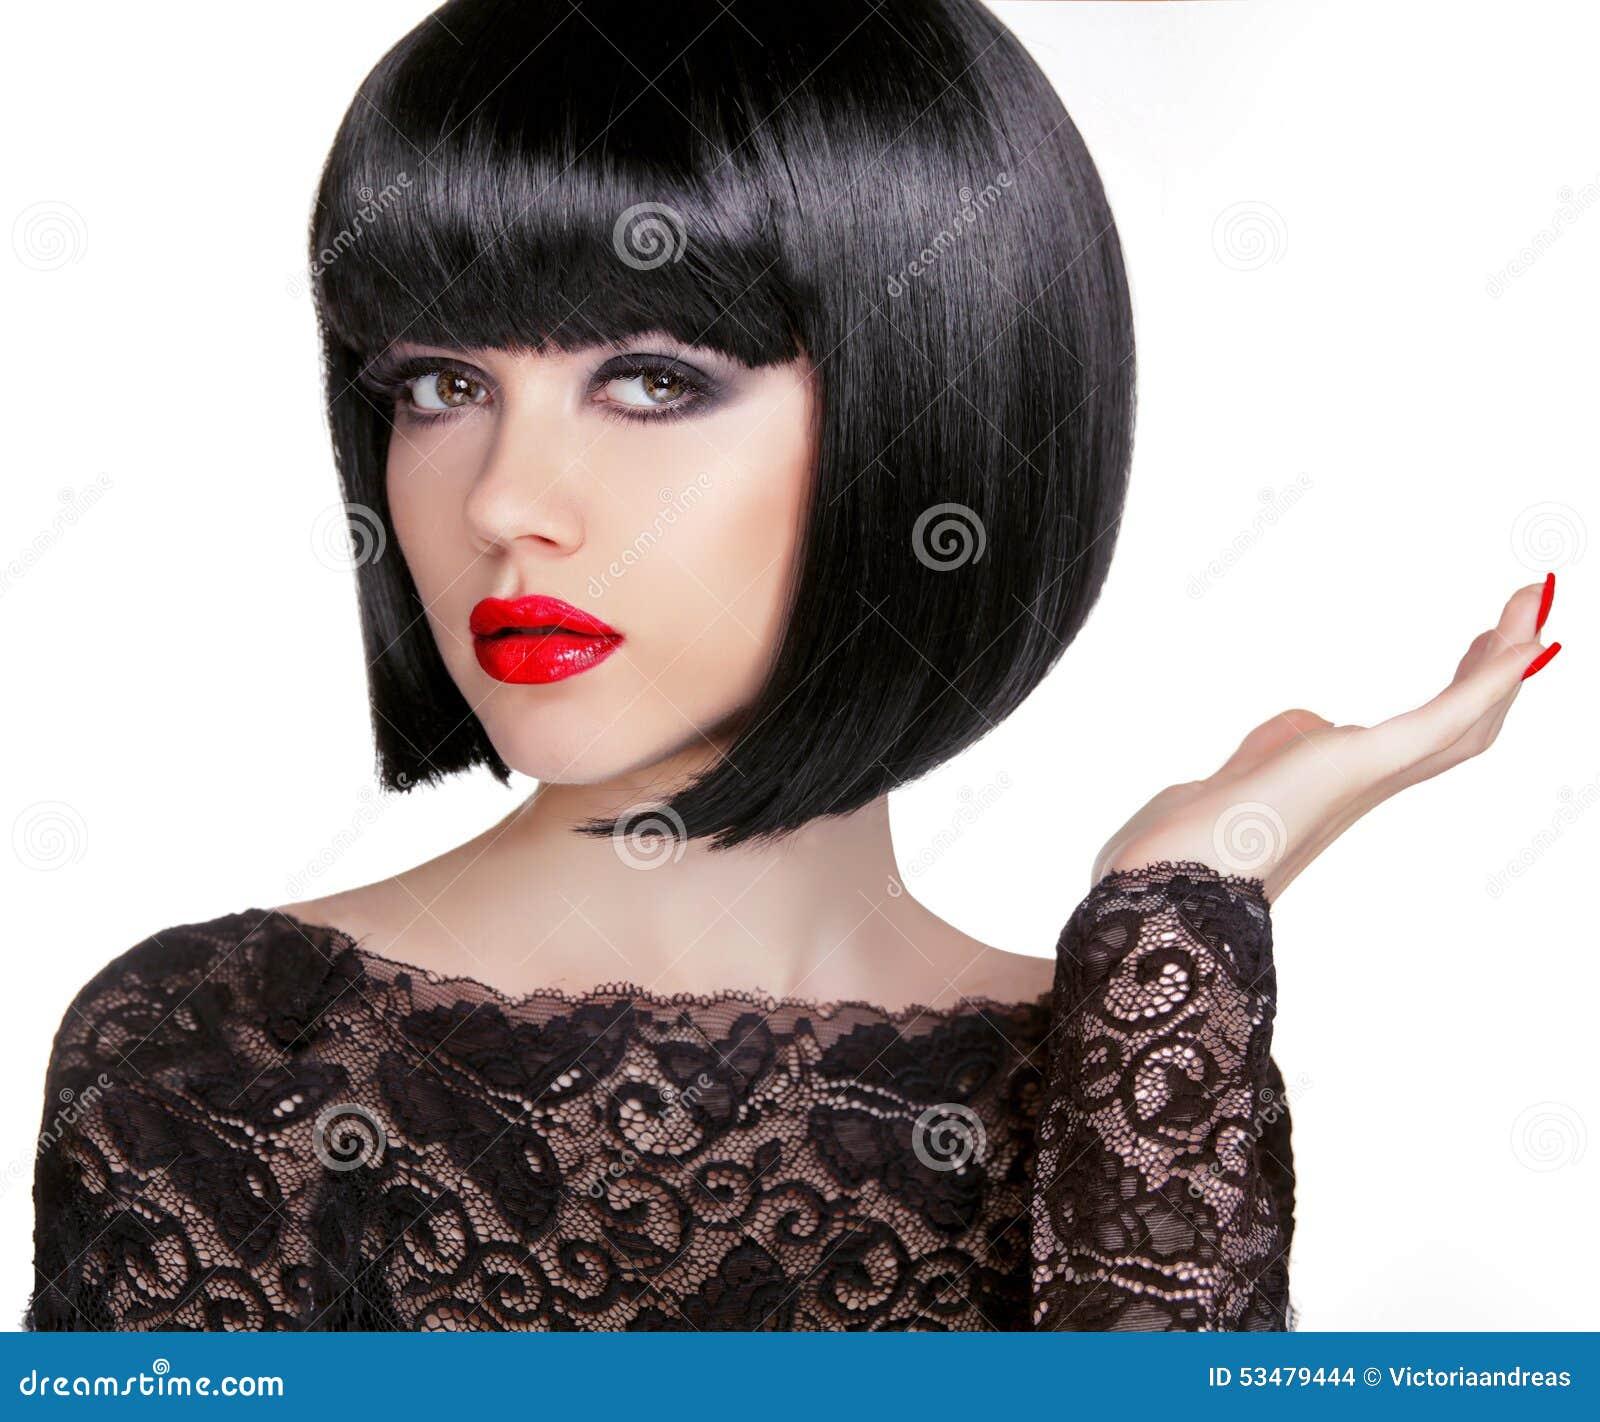 Фото девушки с короткой стрижкой каре